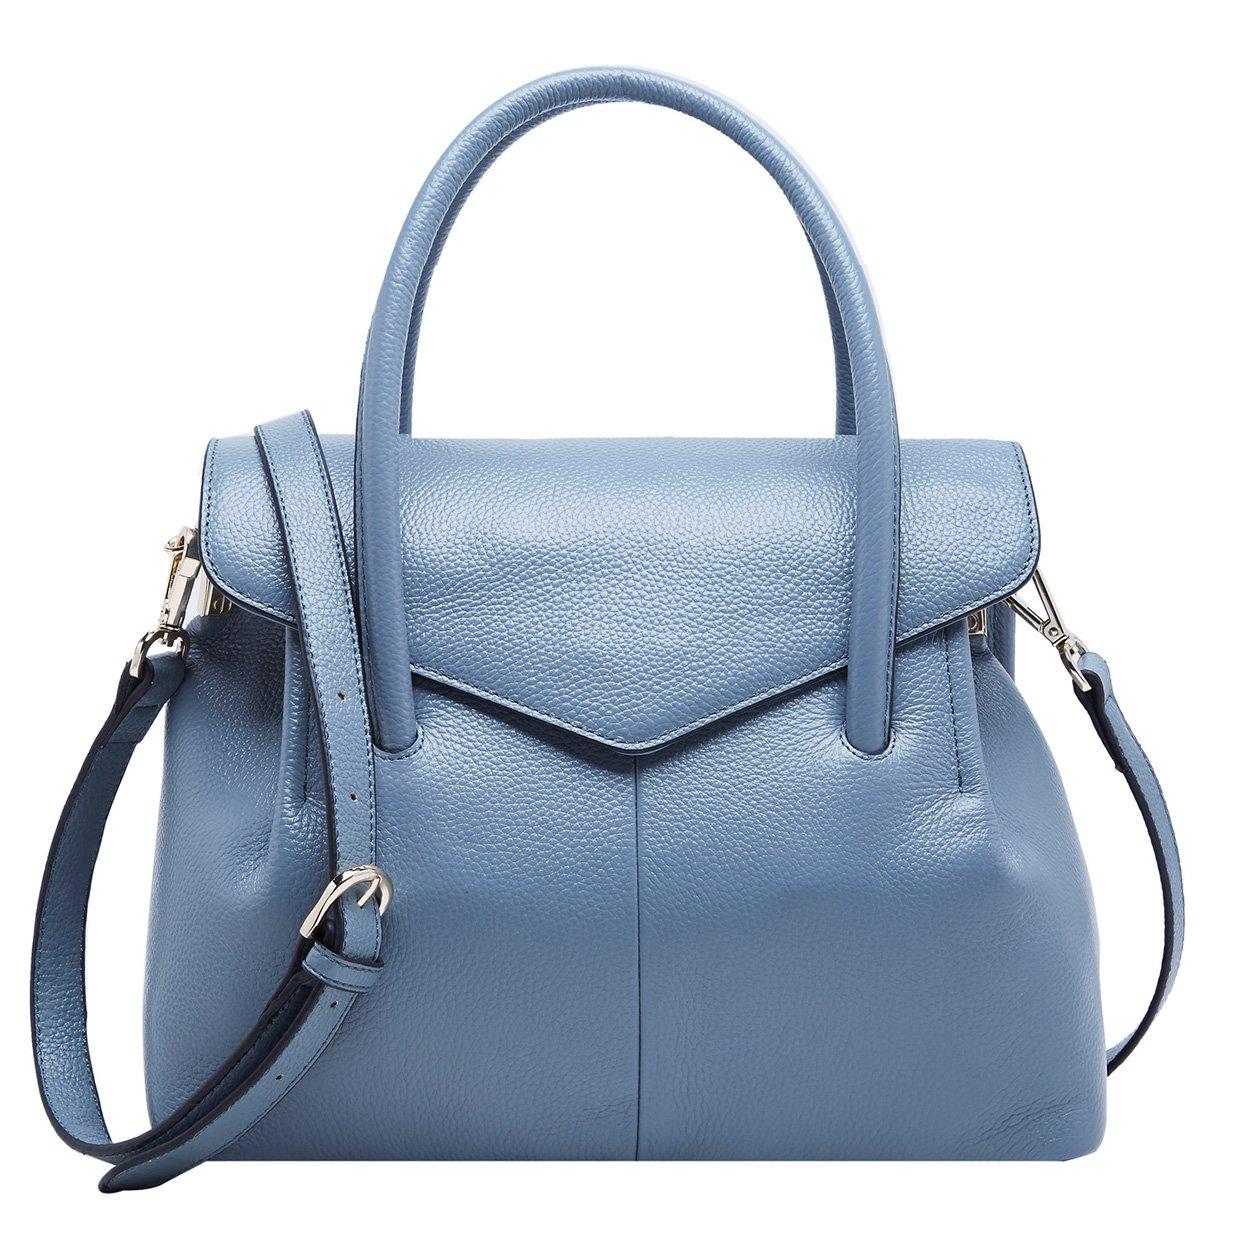 BOYATUレディース本革ハンドバッグ メッセンジャーバッグ ショルダーバッグ 手提げ/斜めがけ ビジネス/通学/通勤 ブラック鞄 女性用 B0711Z7B4J ブルー ブルー